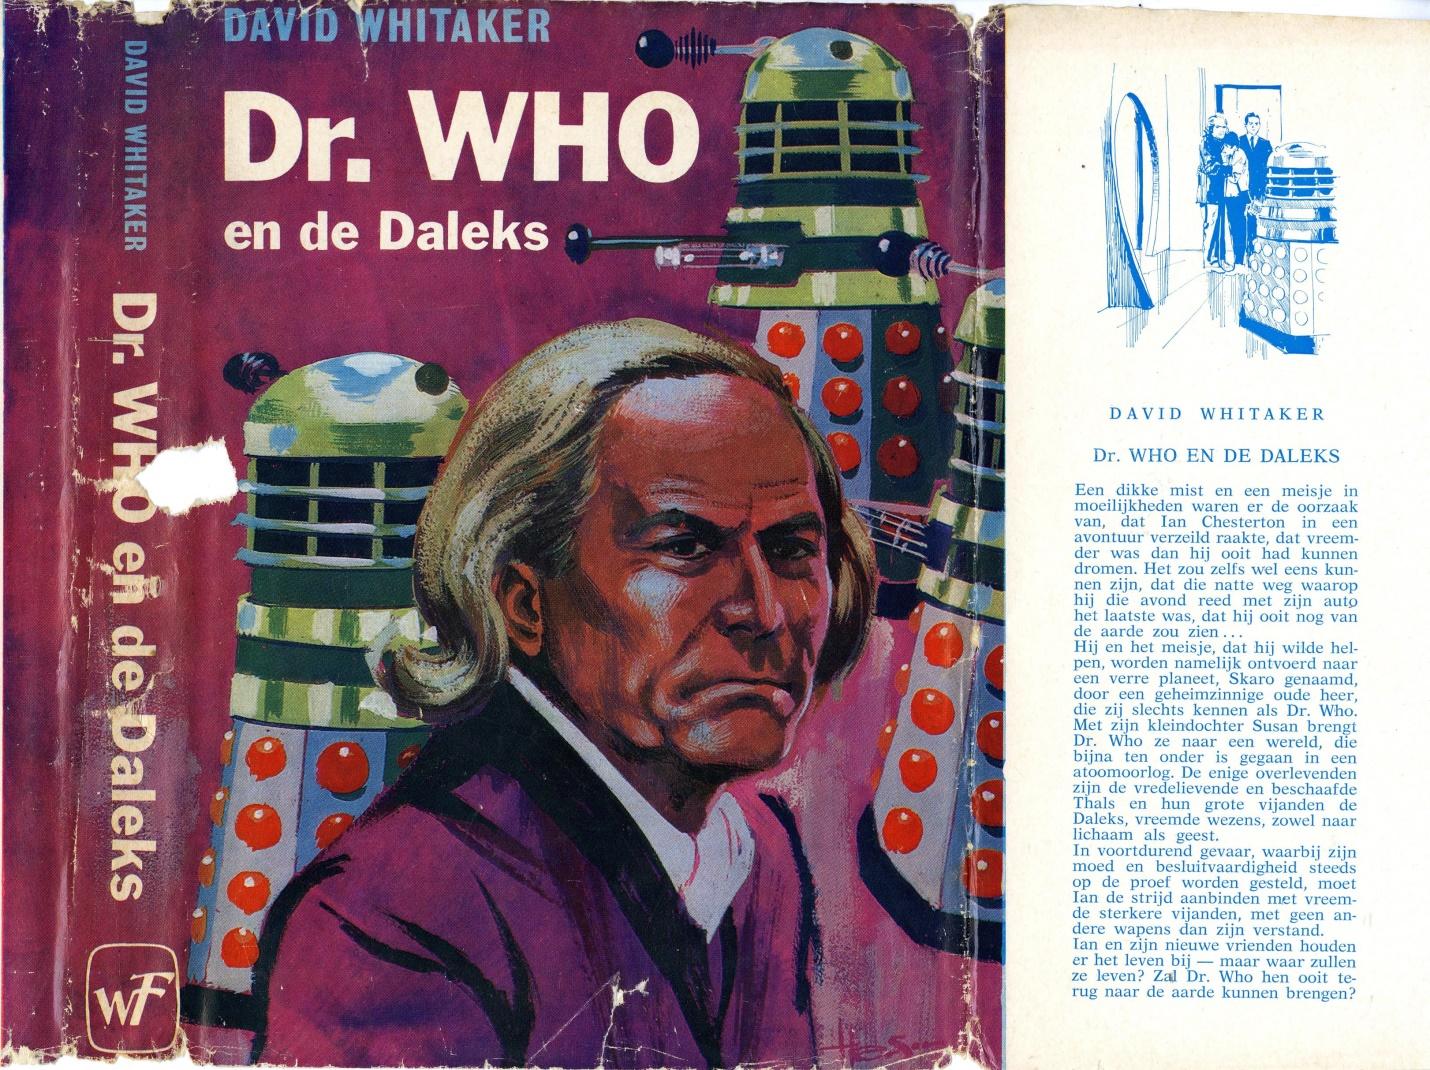 U.-M. West-Friesland - Hoorn, Dr. Who en de Daleks, by David Whitaker